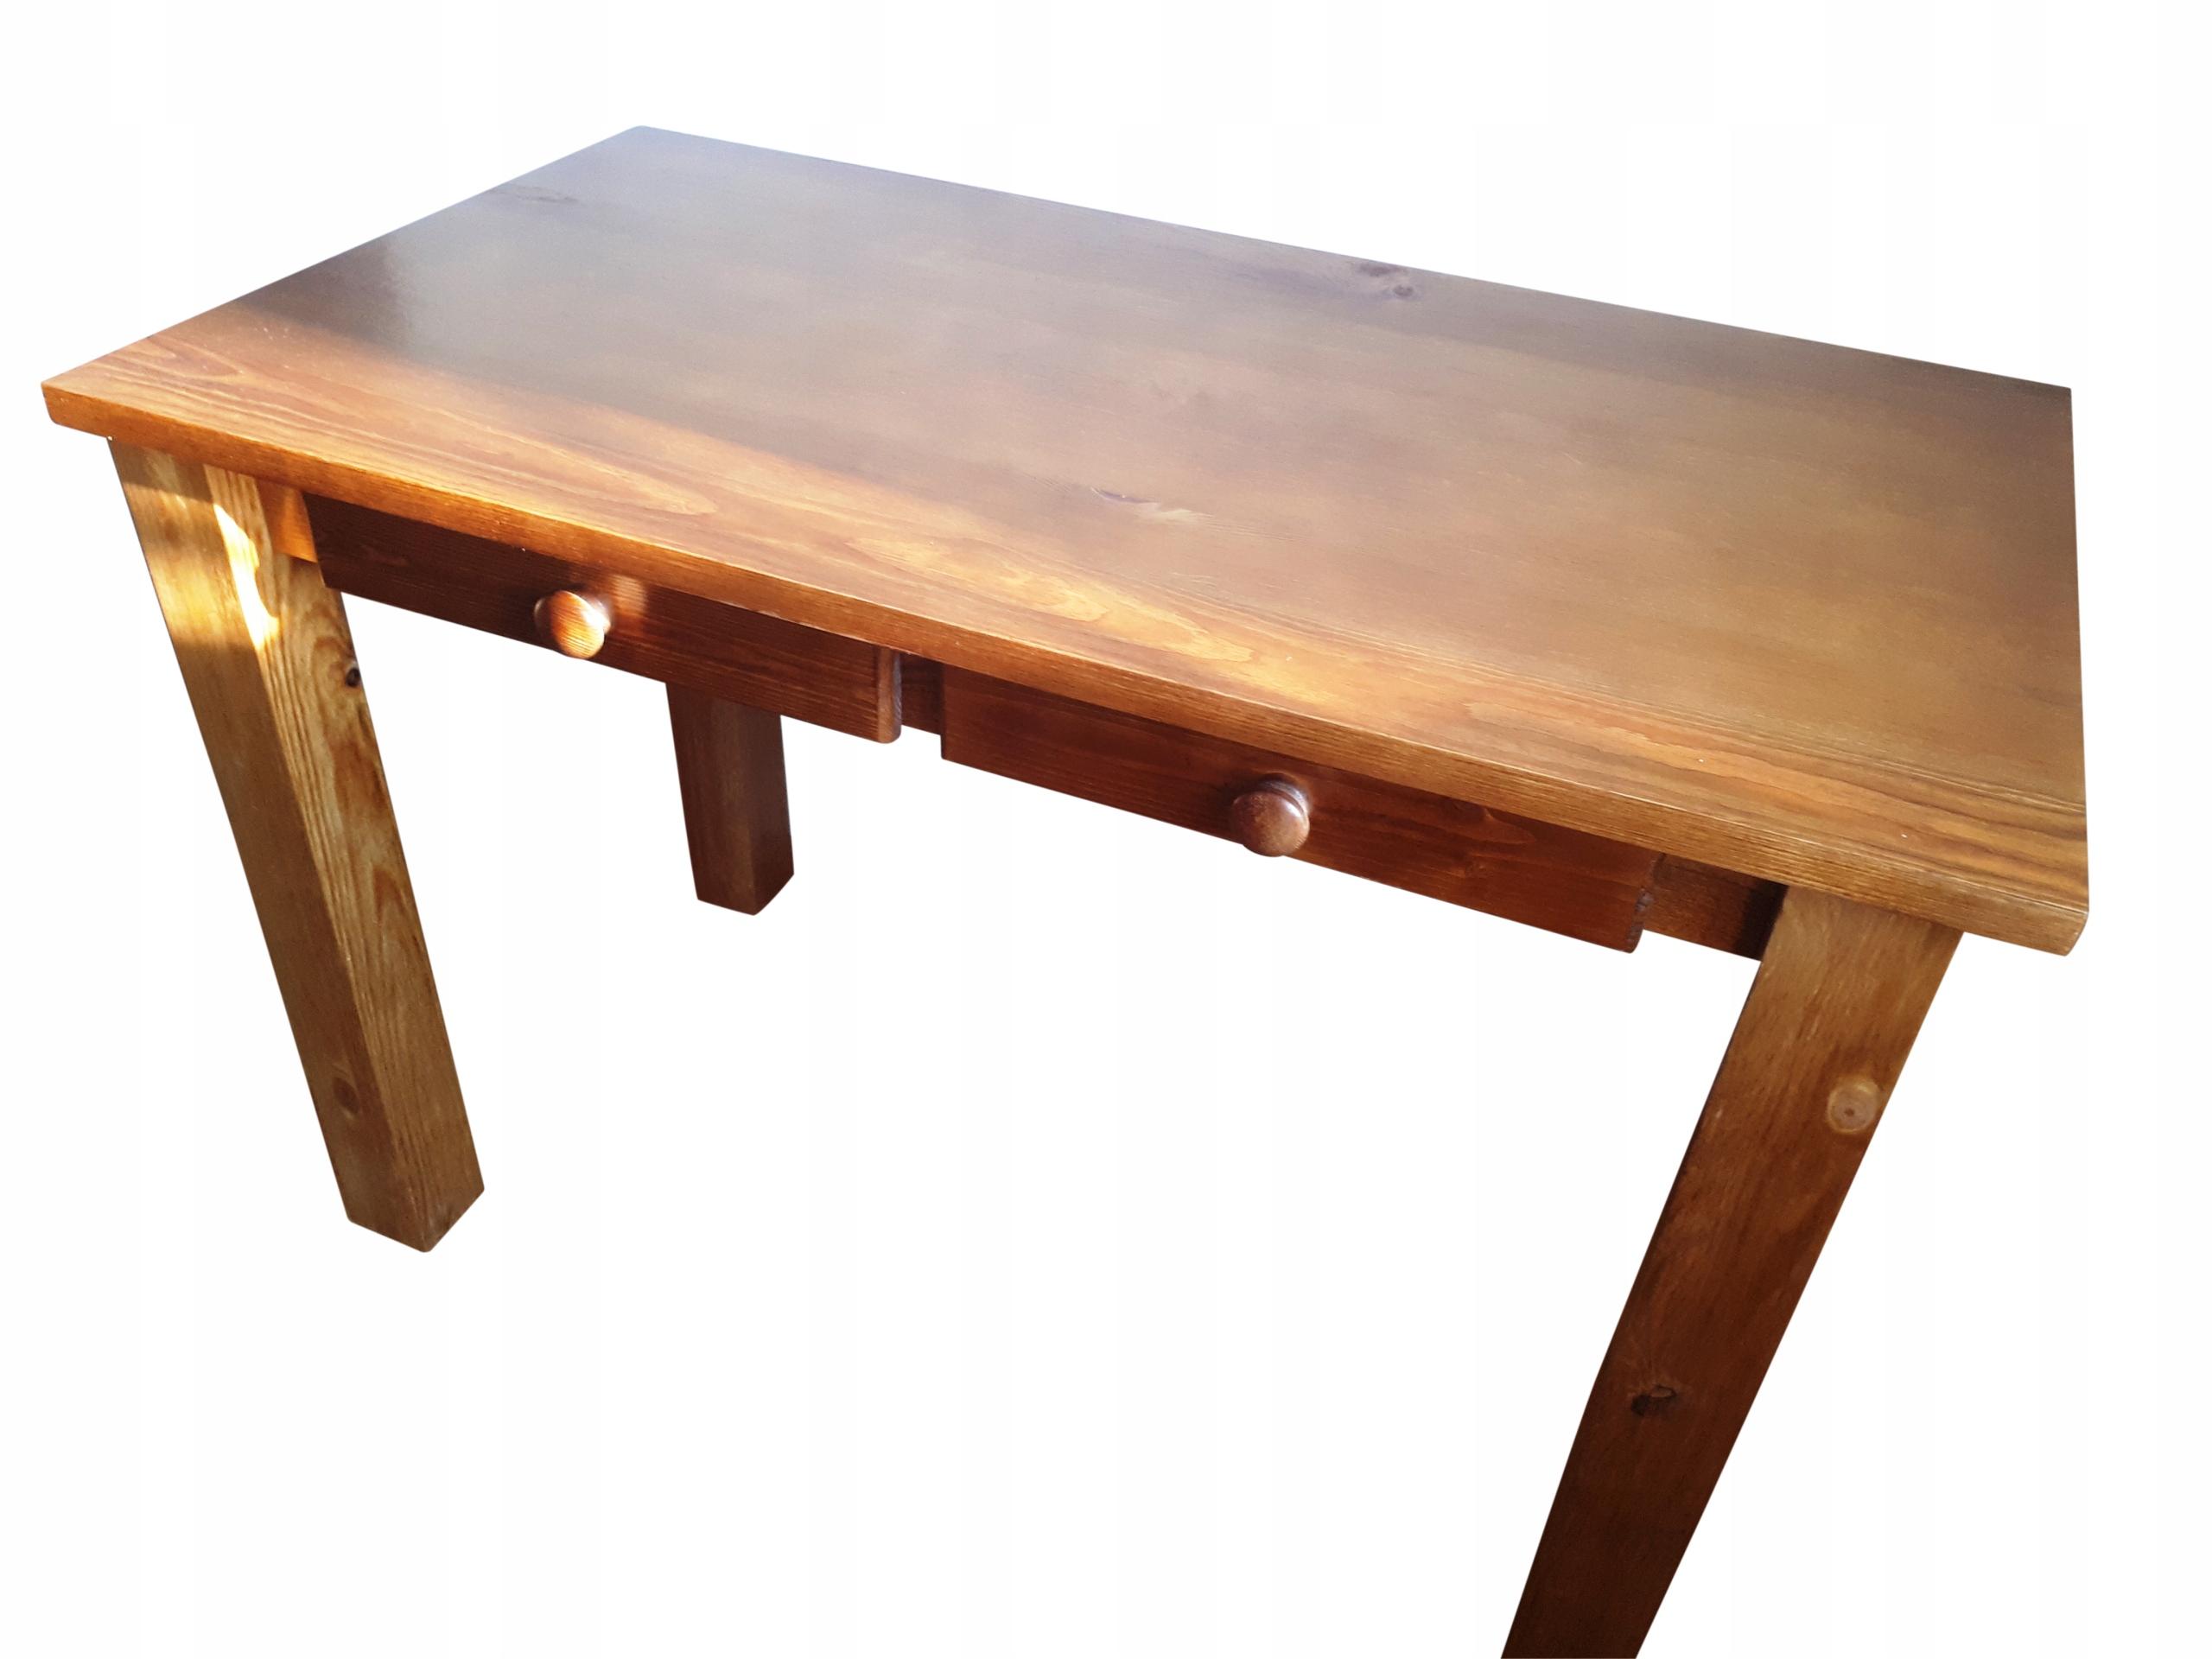 Stół drewniany sosnowy 90x90 ELEGANCKI NOWOCZESNY Kolor mebla sosna